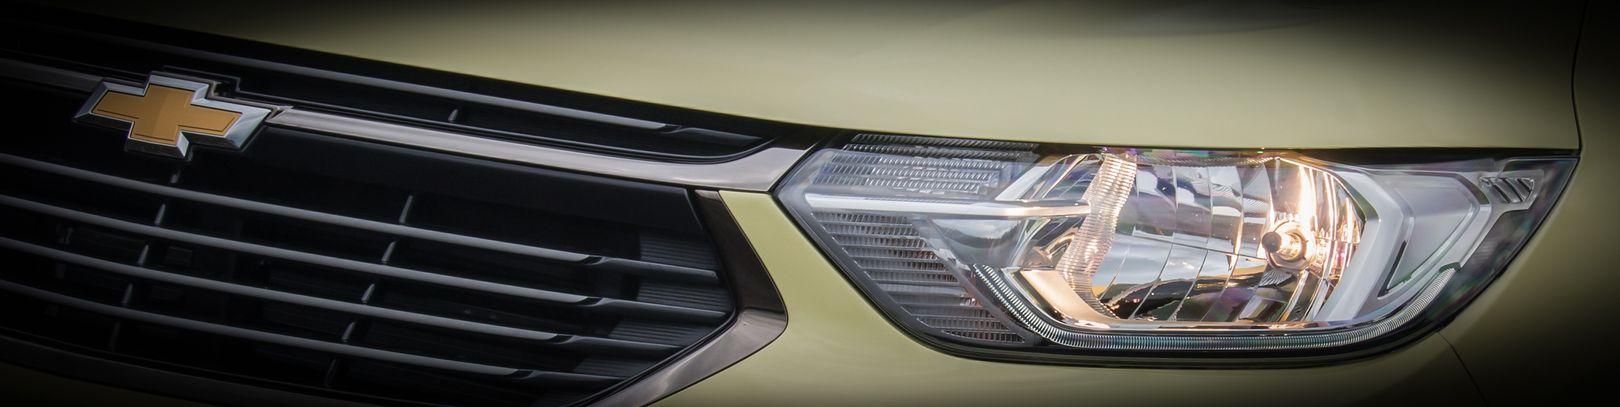 General Motors divulga teaser do novo spin